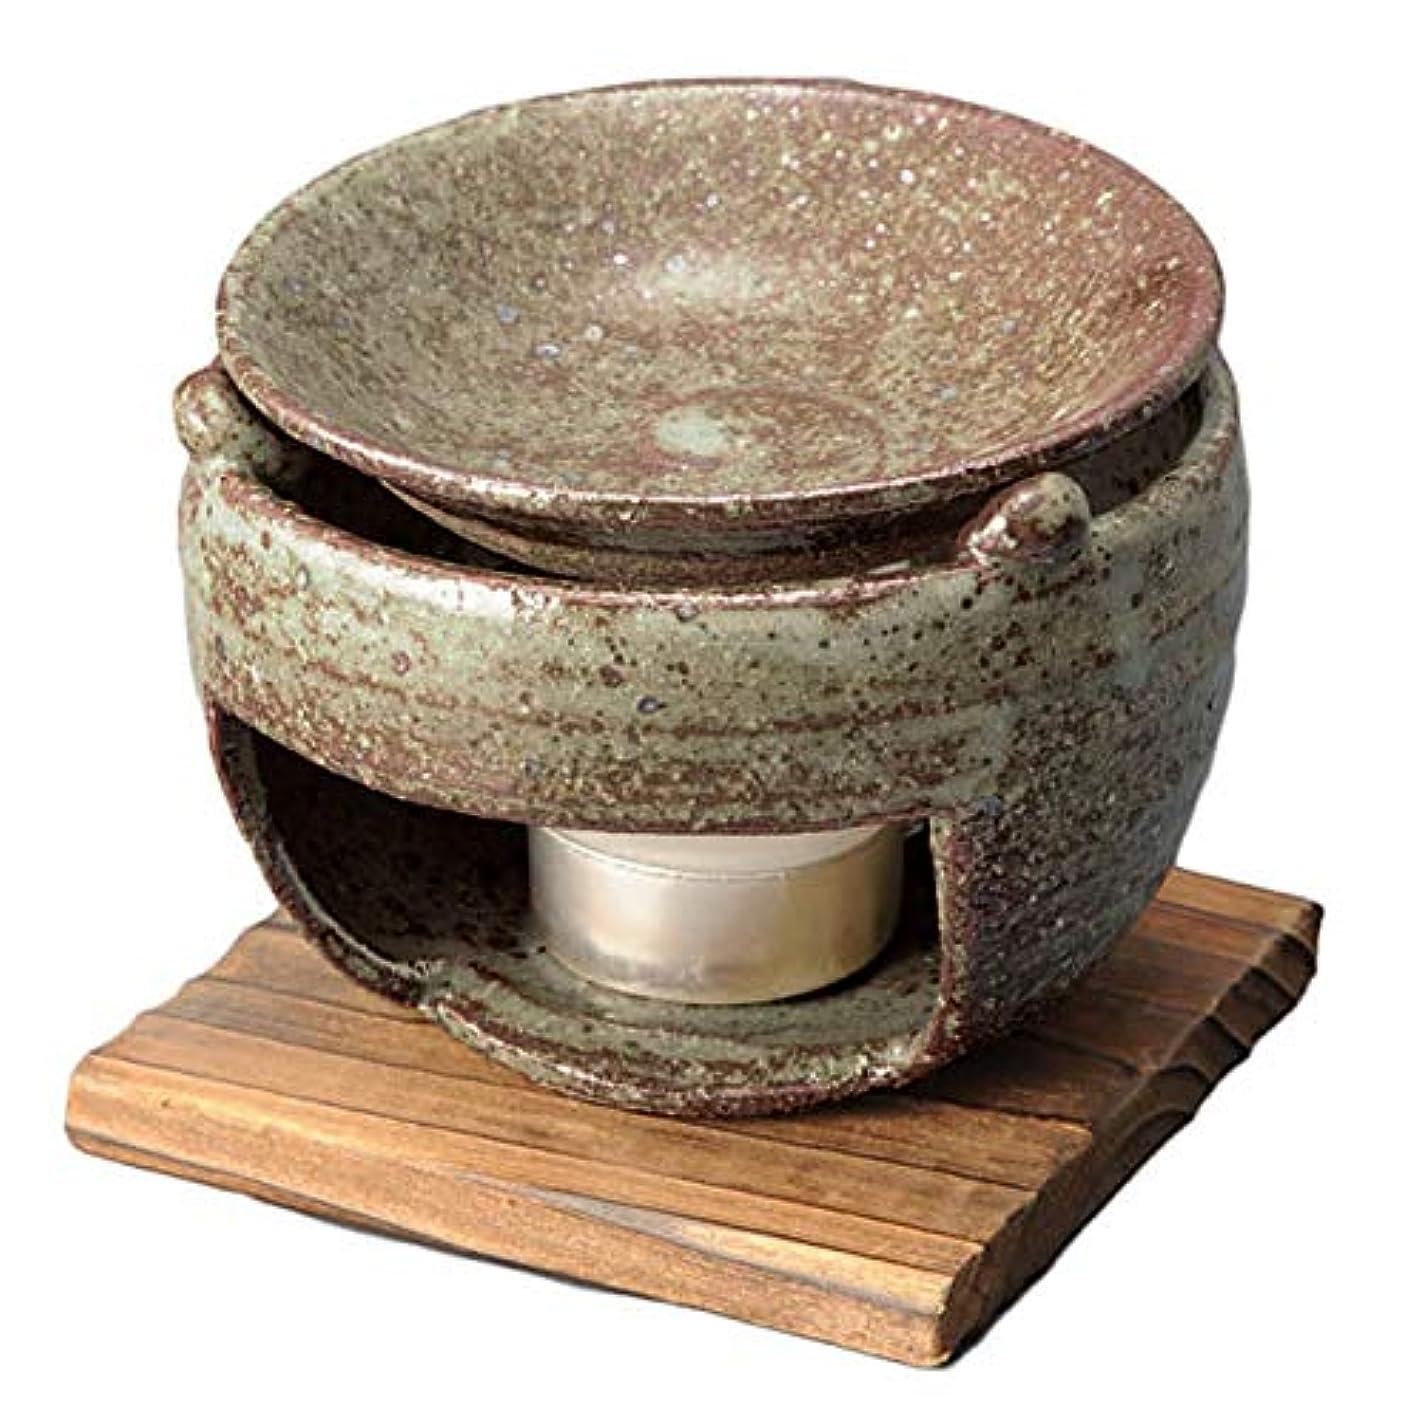 思いやり囲むみなさん手造り 茶香炉/茶香炉(土灰釉) /アロマ 癒やし リラックス インテリア 間接照明